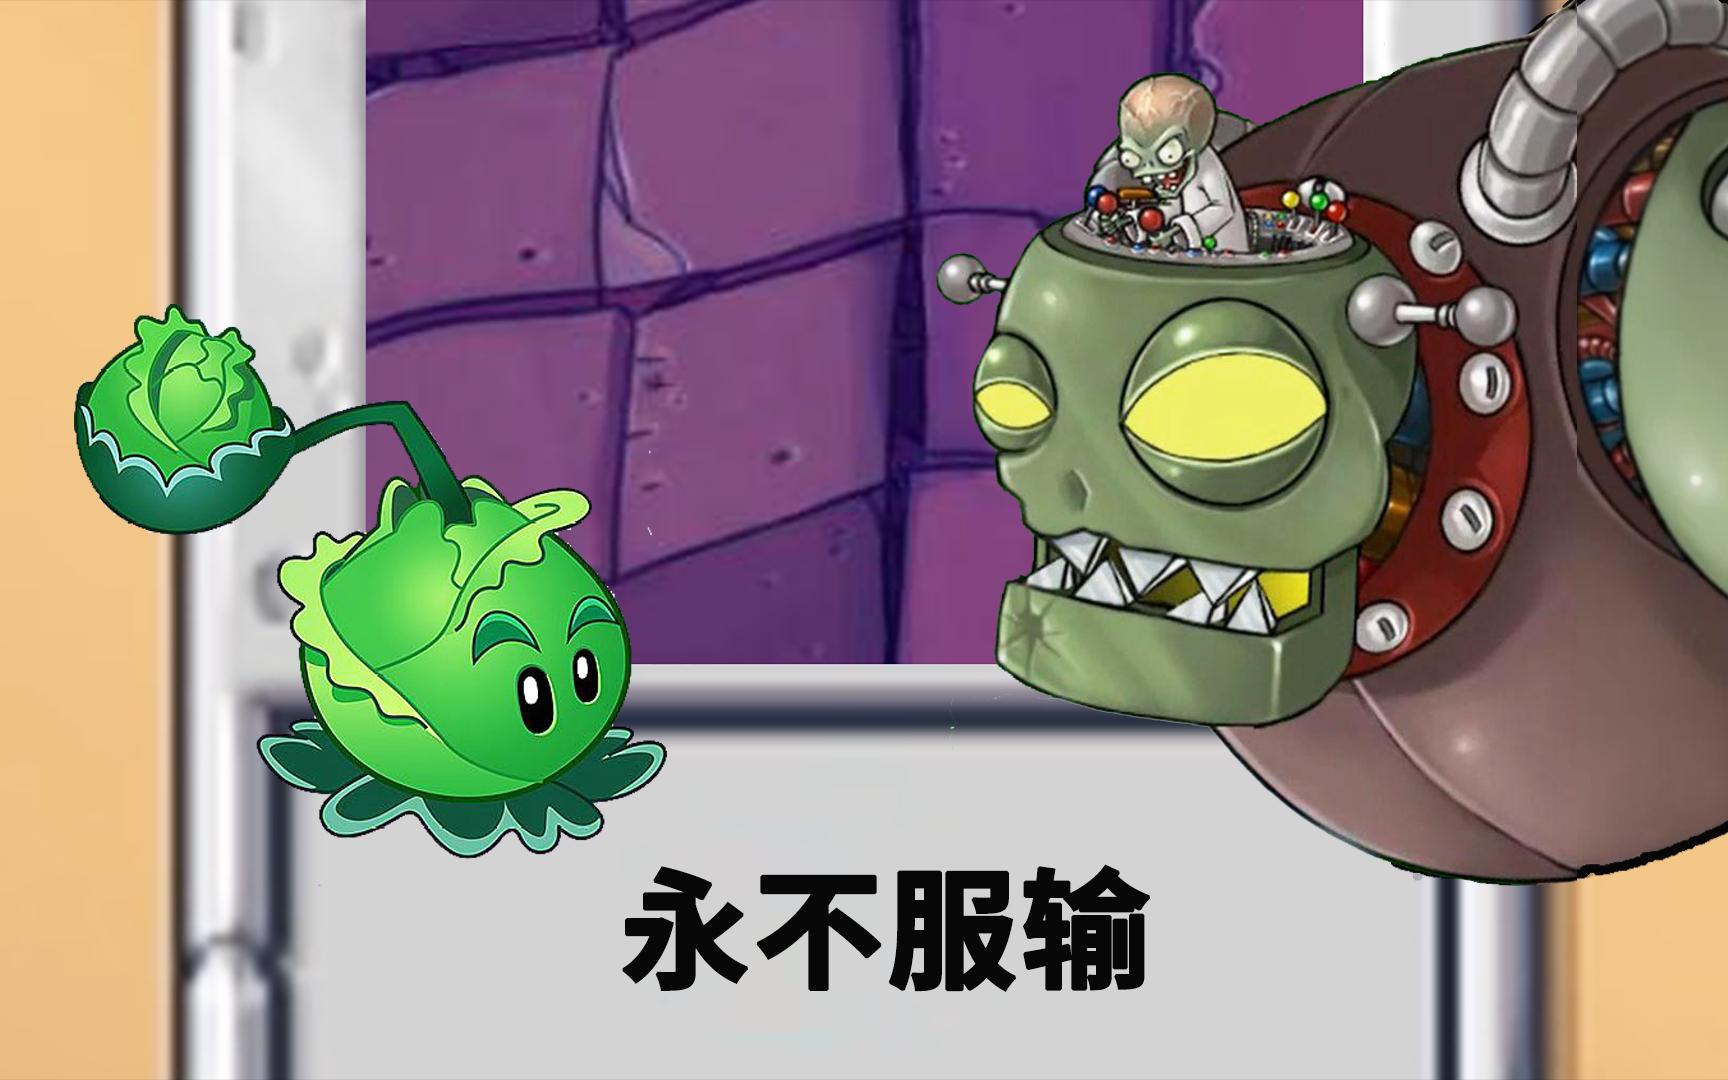 植物大战僵尸:只要我够快,僵王博士就来不及回血!